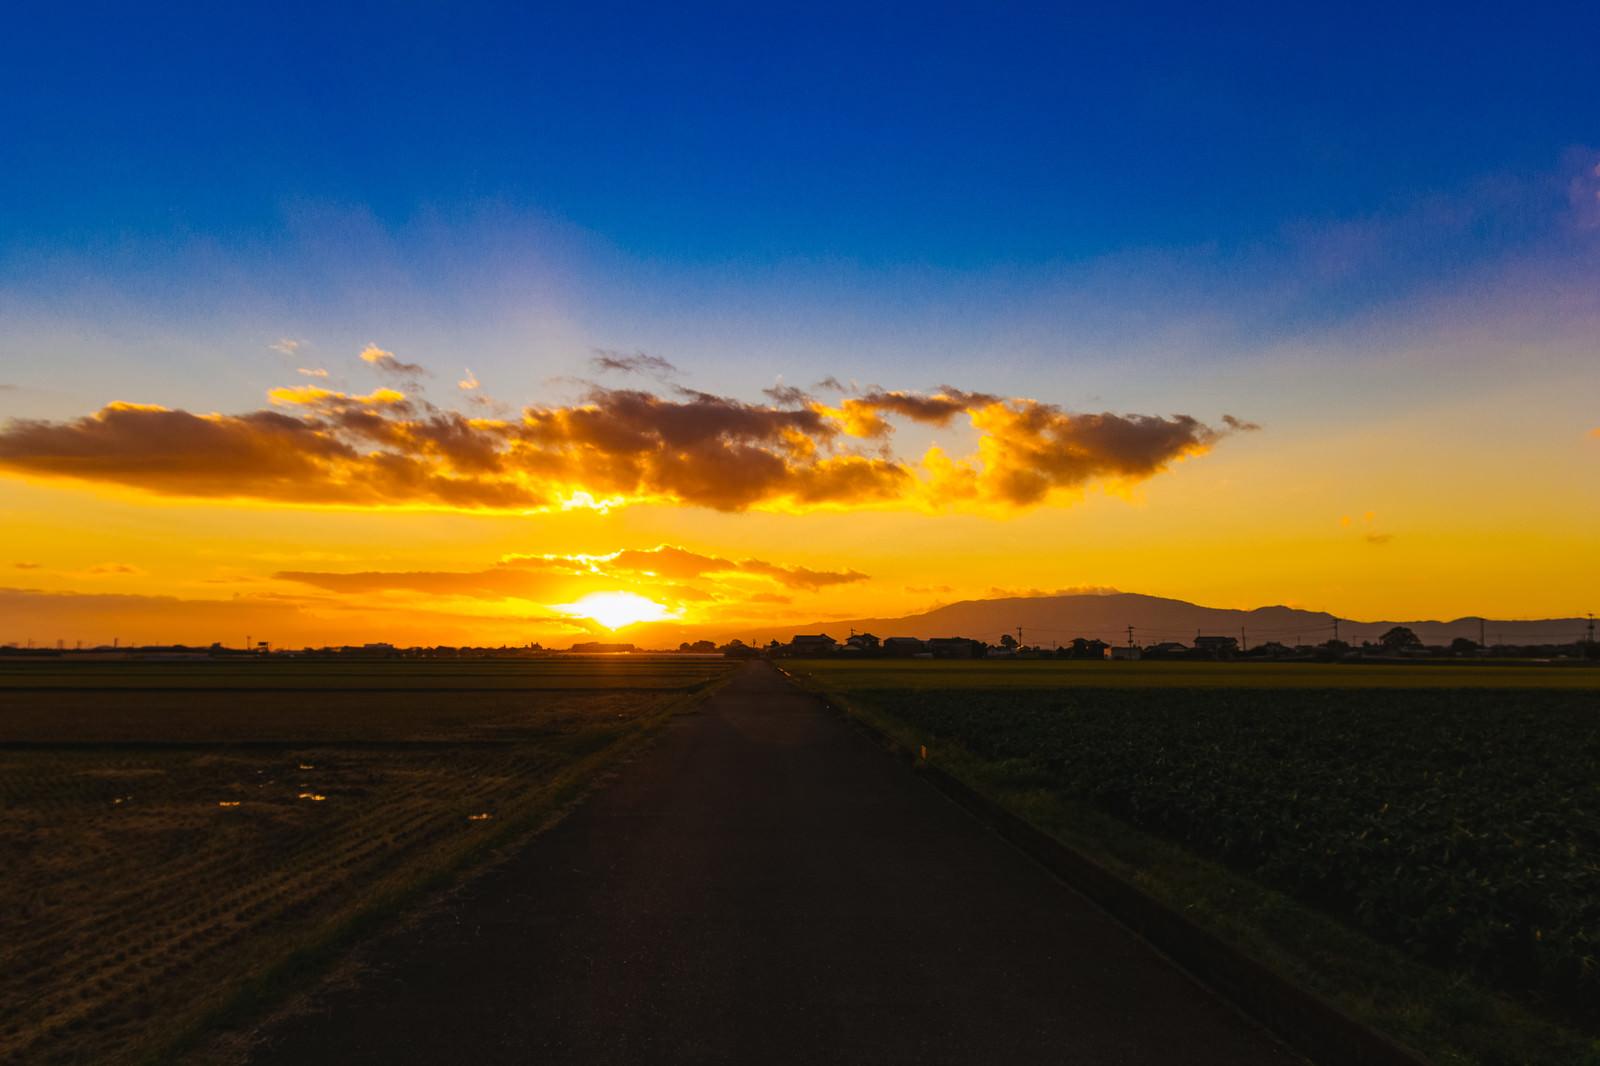 「大刀洗の夕暮れ(夕陽)大刀洗の夕暮れ(夕陽)」のフリー写真素材を拡大